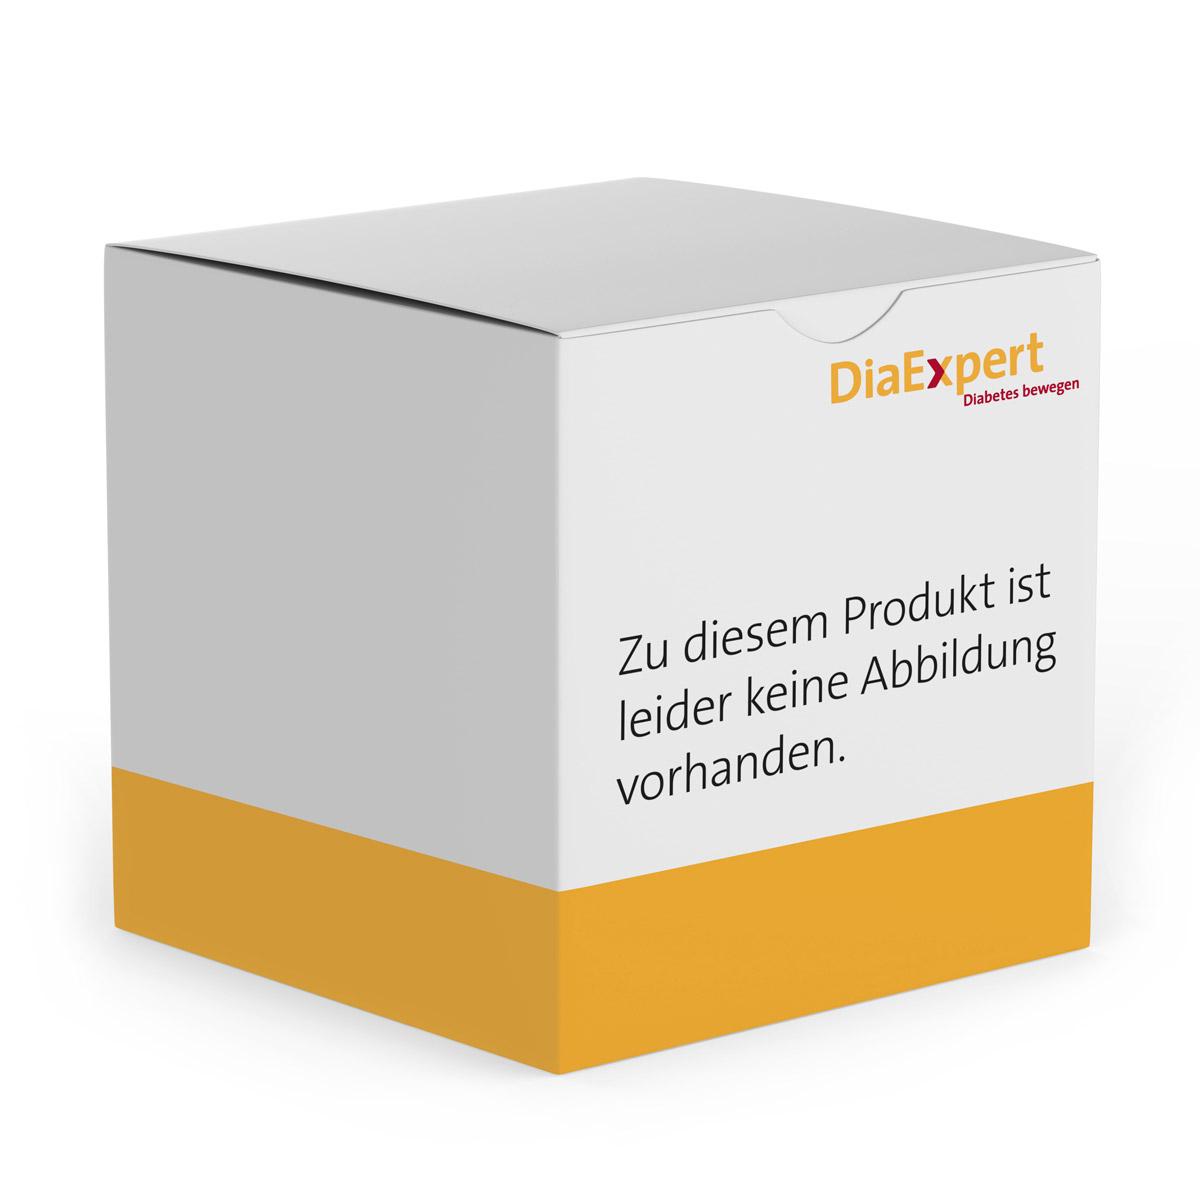 diaexpert xucker 3 1 gelierzucker 1000 g zucker alternativen diabetes ern hrung. Black Bedroom Furniture Sets. Home Design Ideas